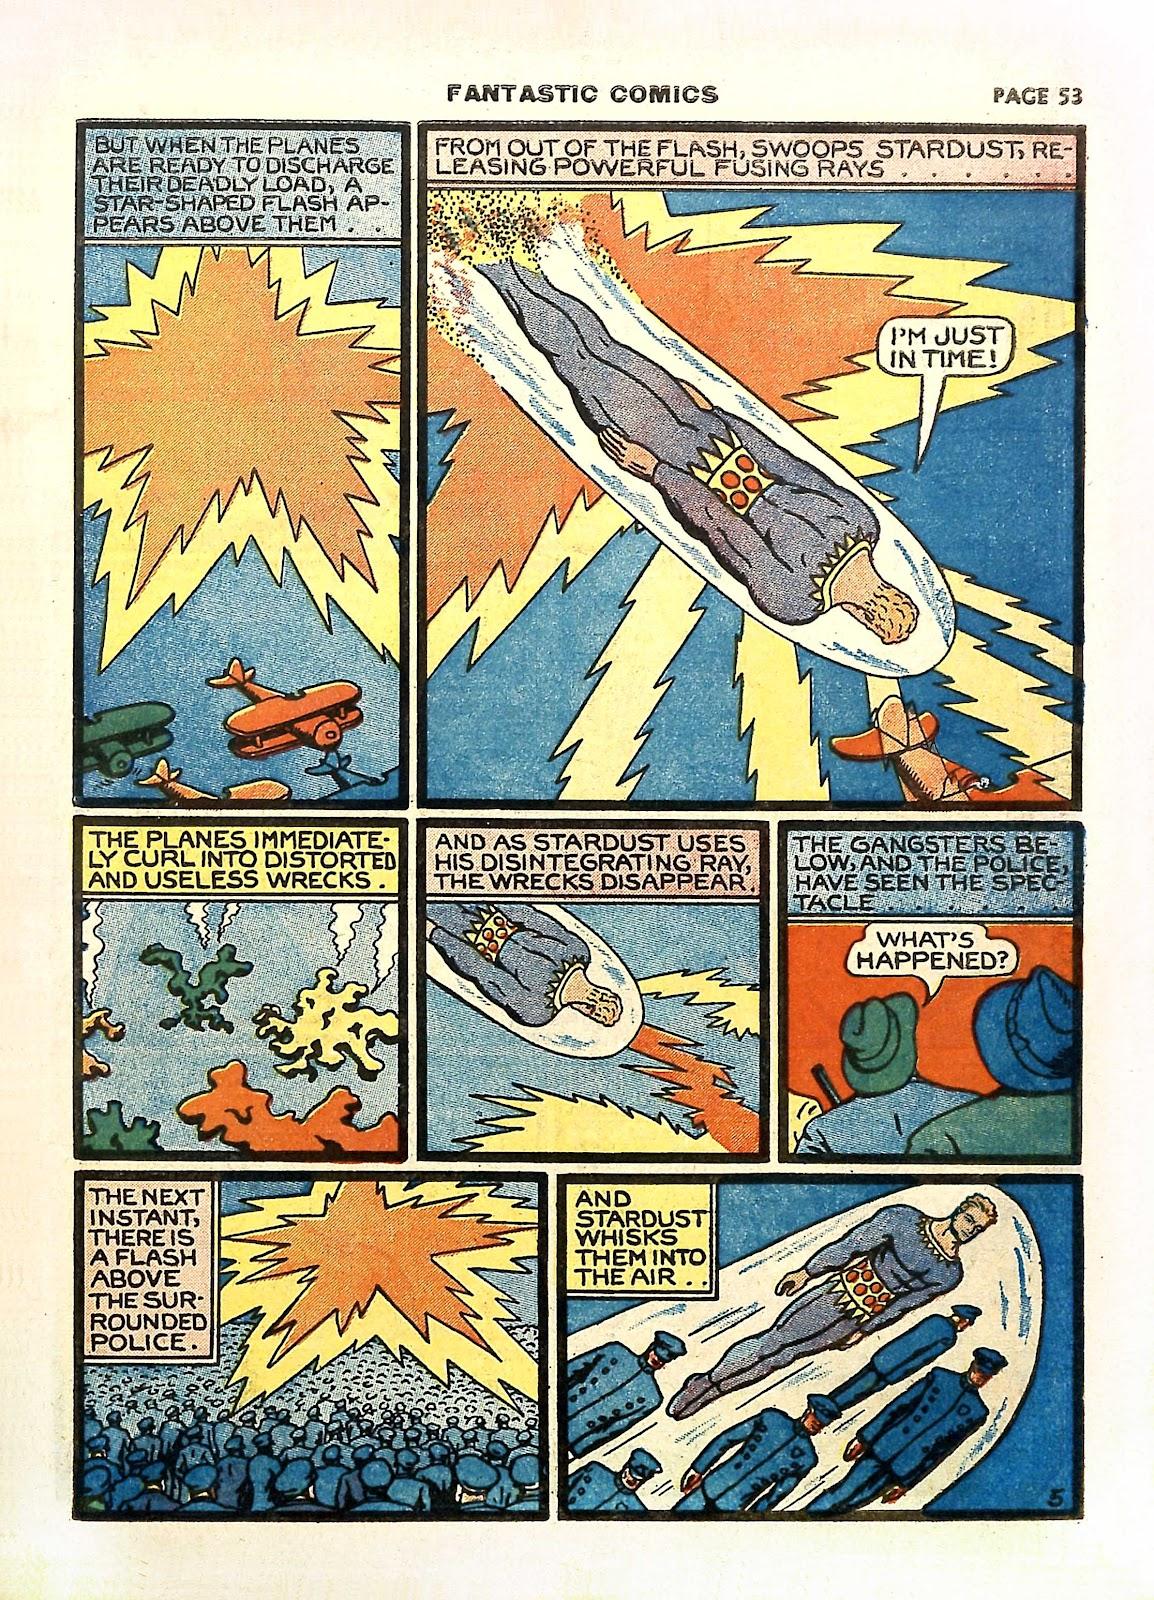 Read online Fantastic Comics comic -  Issue #11 - 56